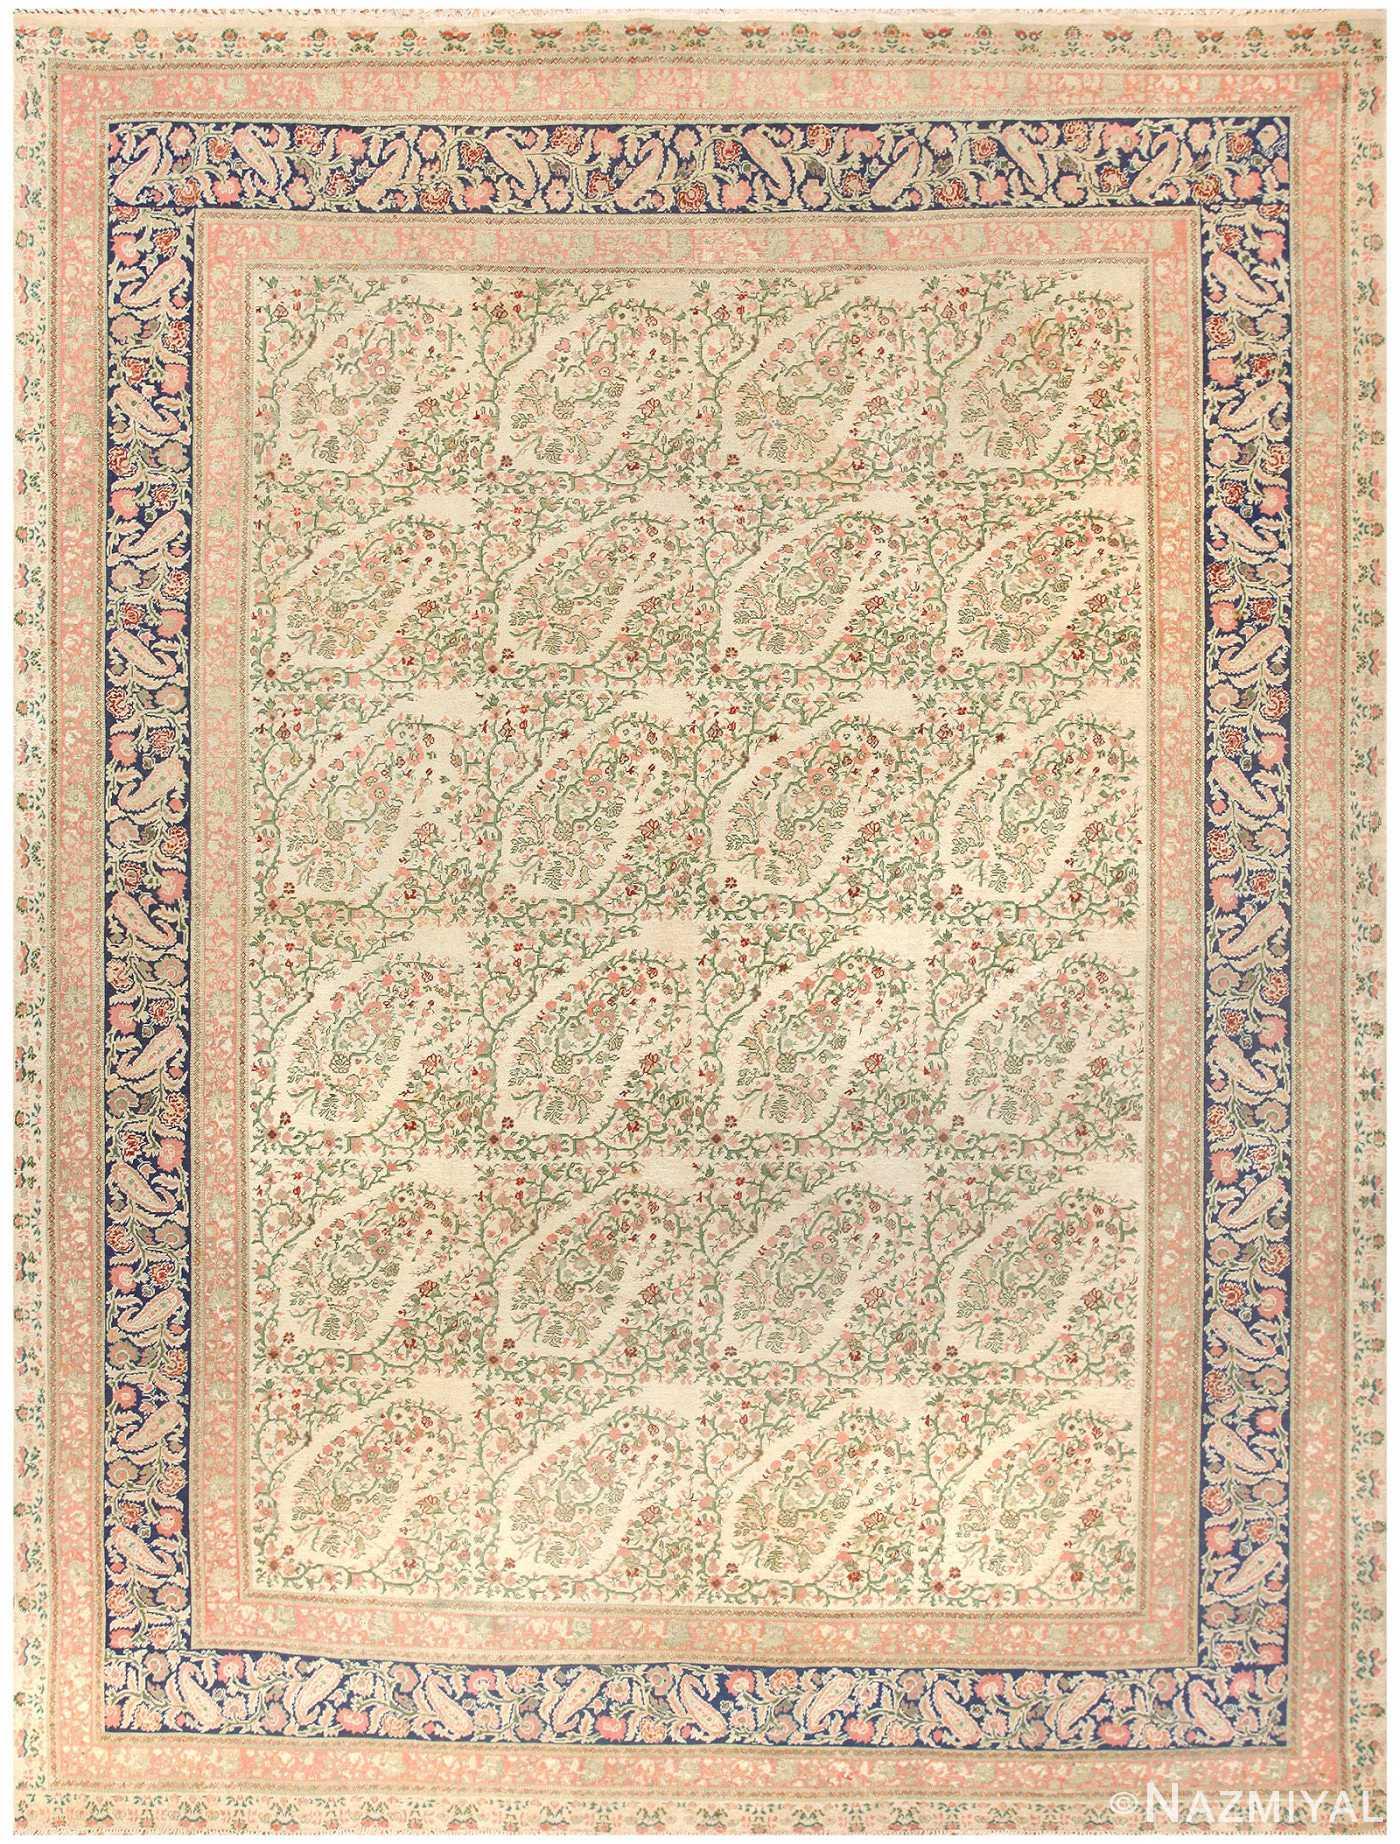 Antique Turkish Hereke Rug 50183 Detail/Large View